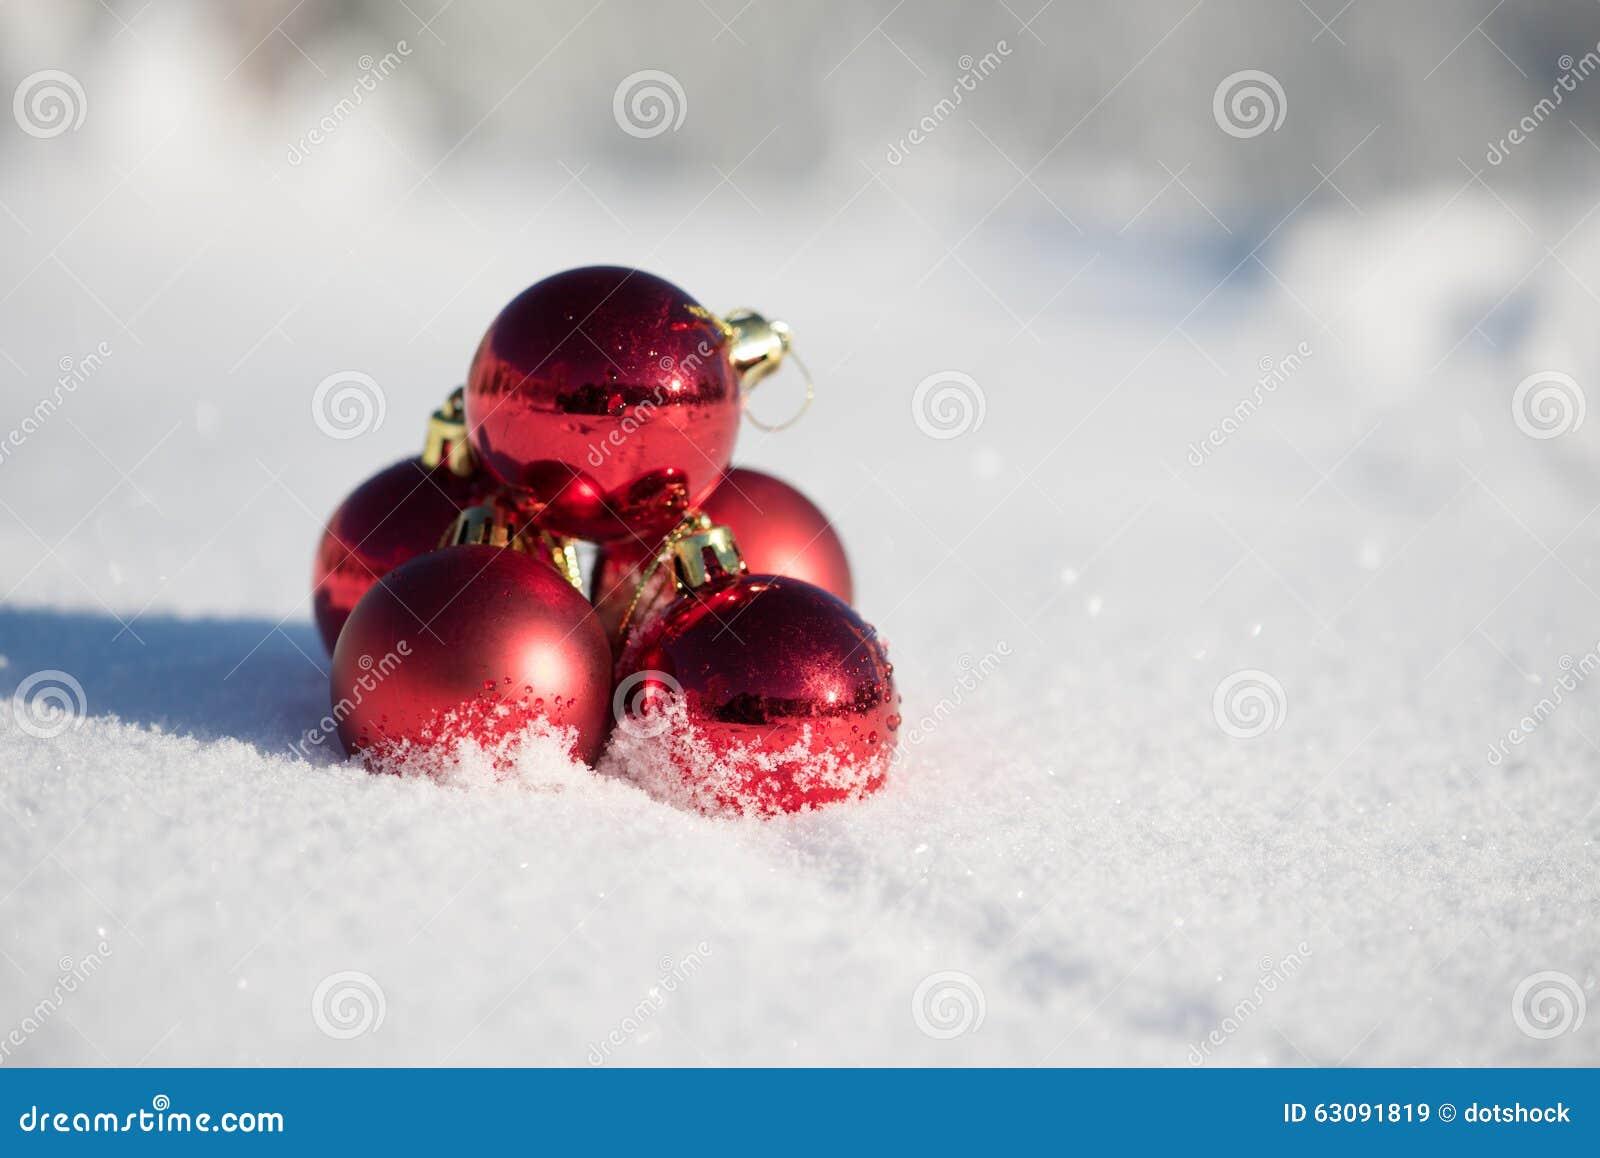 Download Bille De Noël Dans La Neige Image stock - Image du célébration, bille: 63091819